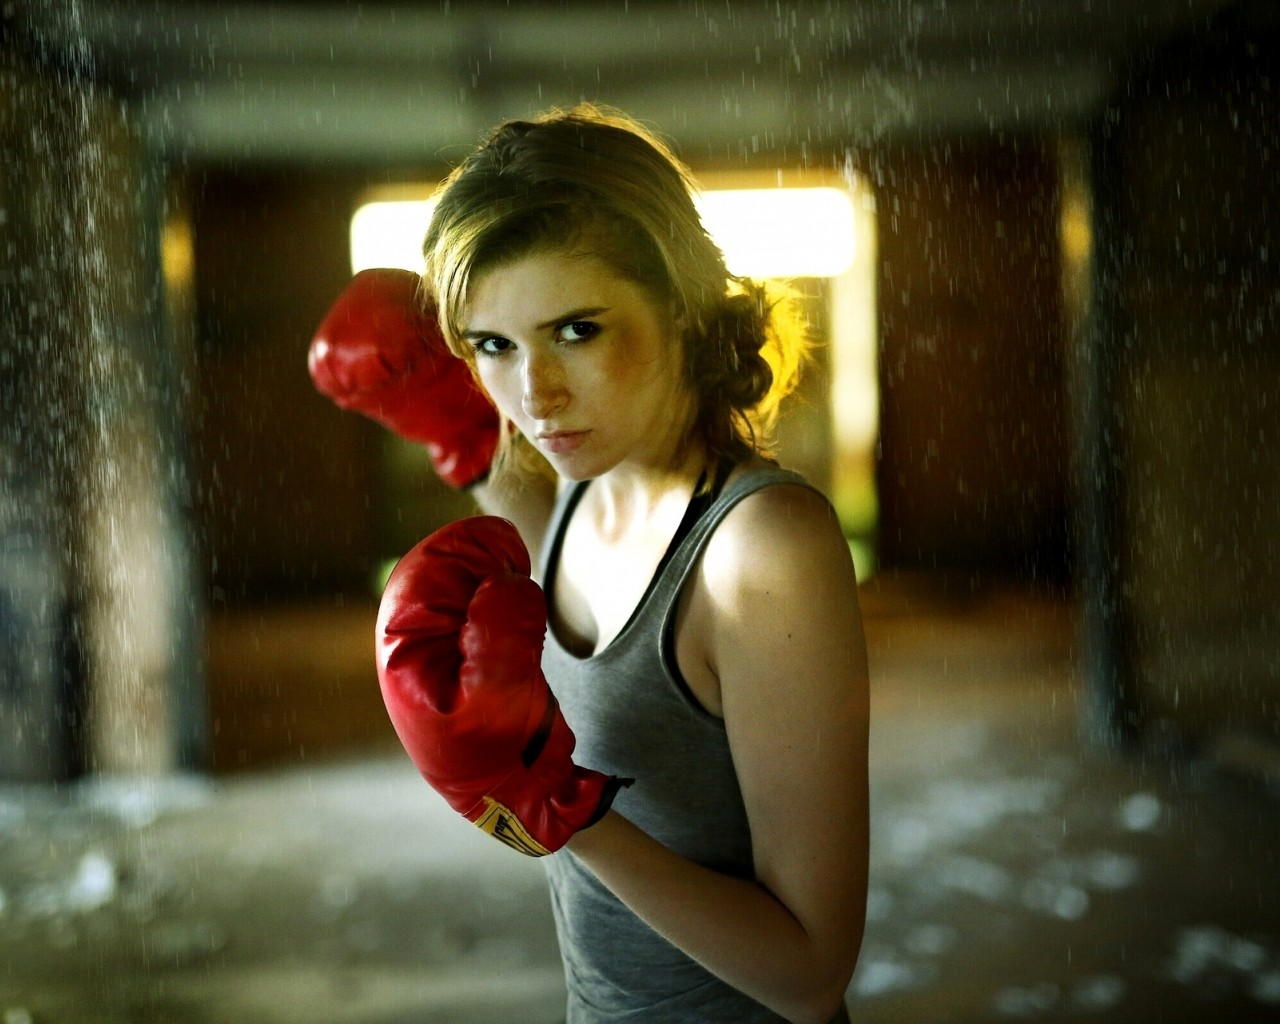 Дочка с характером: 5 правил самообороны для девочек